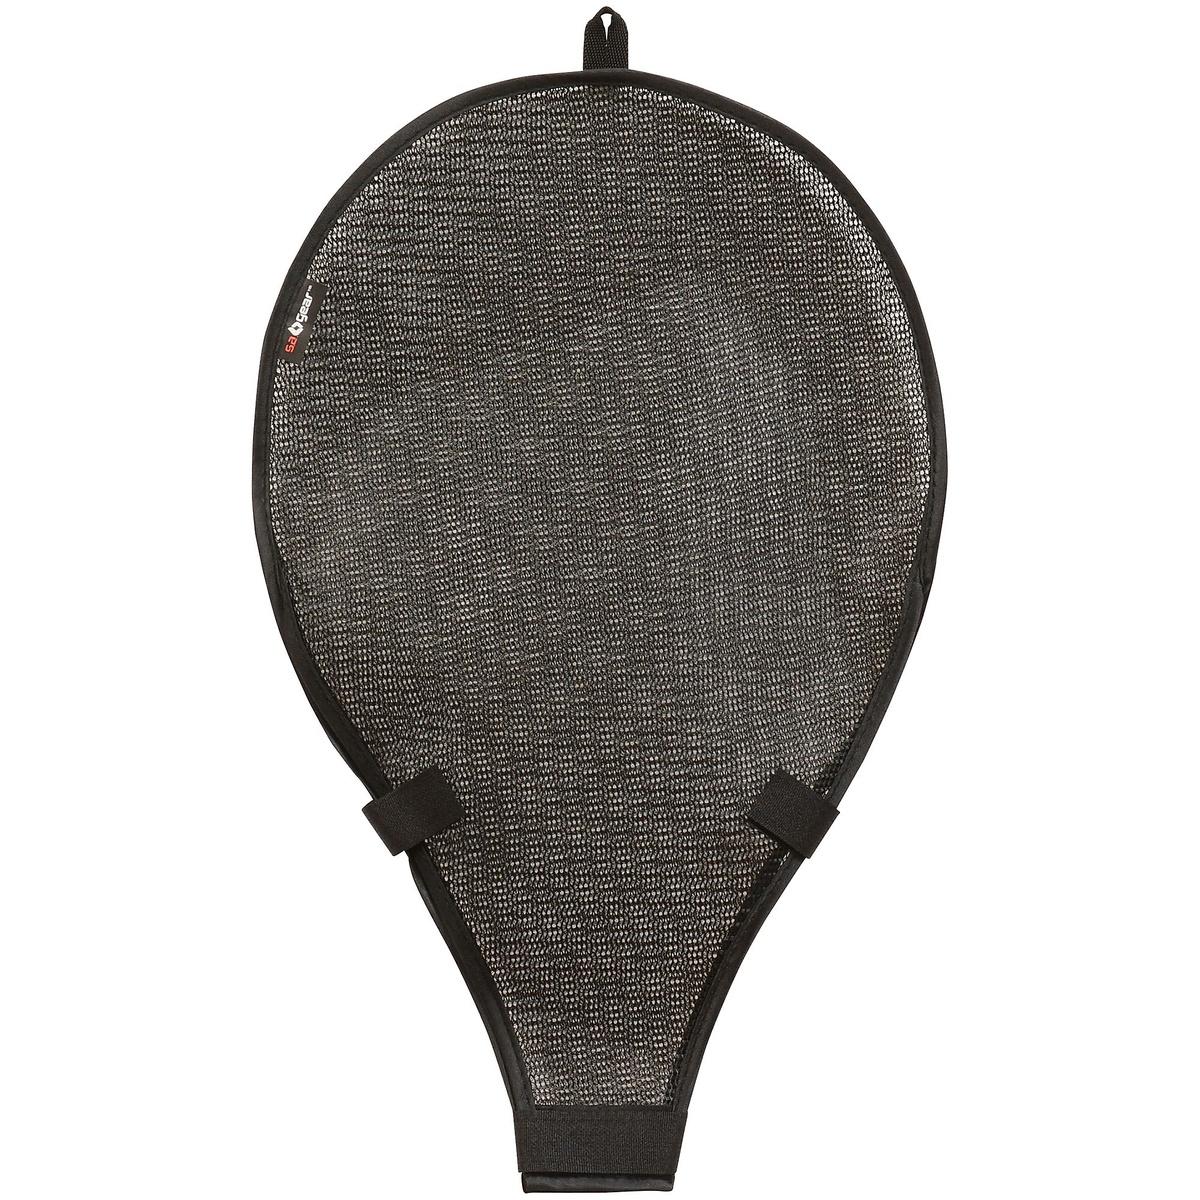 好評 エスエーギア ラケットスポーツ バッグ ケース類 ソフトテニス素振り用カバー s.a.gear ブラック SA-Y21-004-003 セール価格 FREE